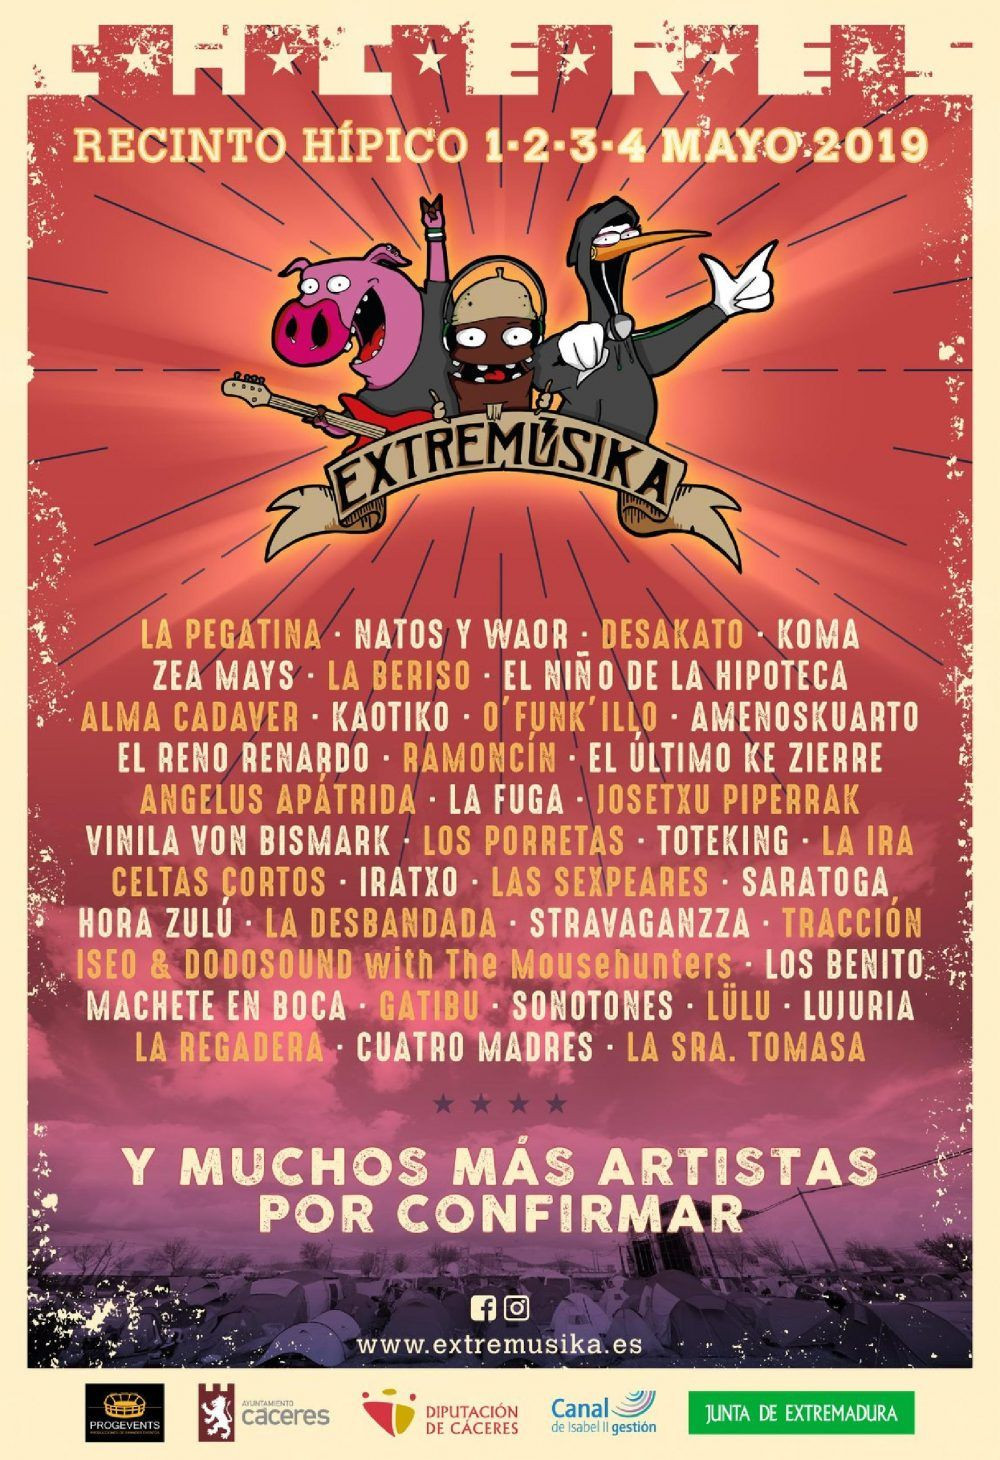 Extremúsika 2019 - Cáceres